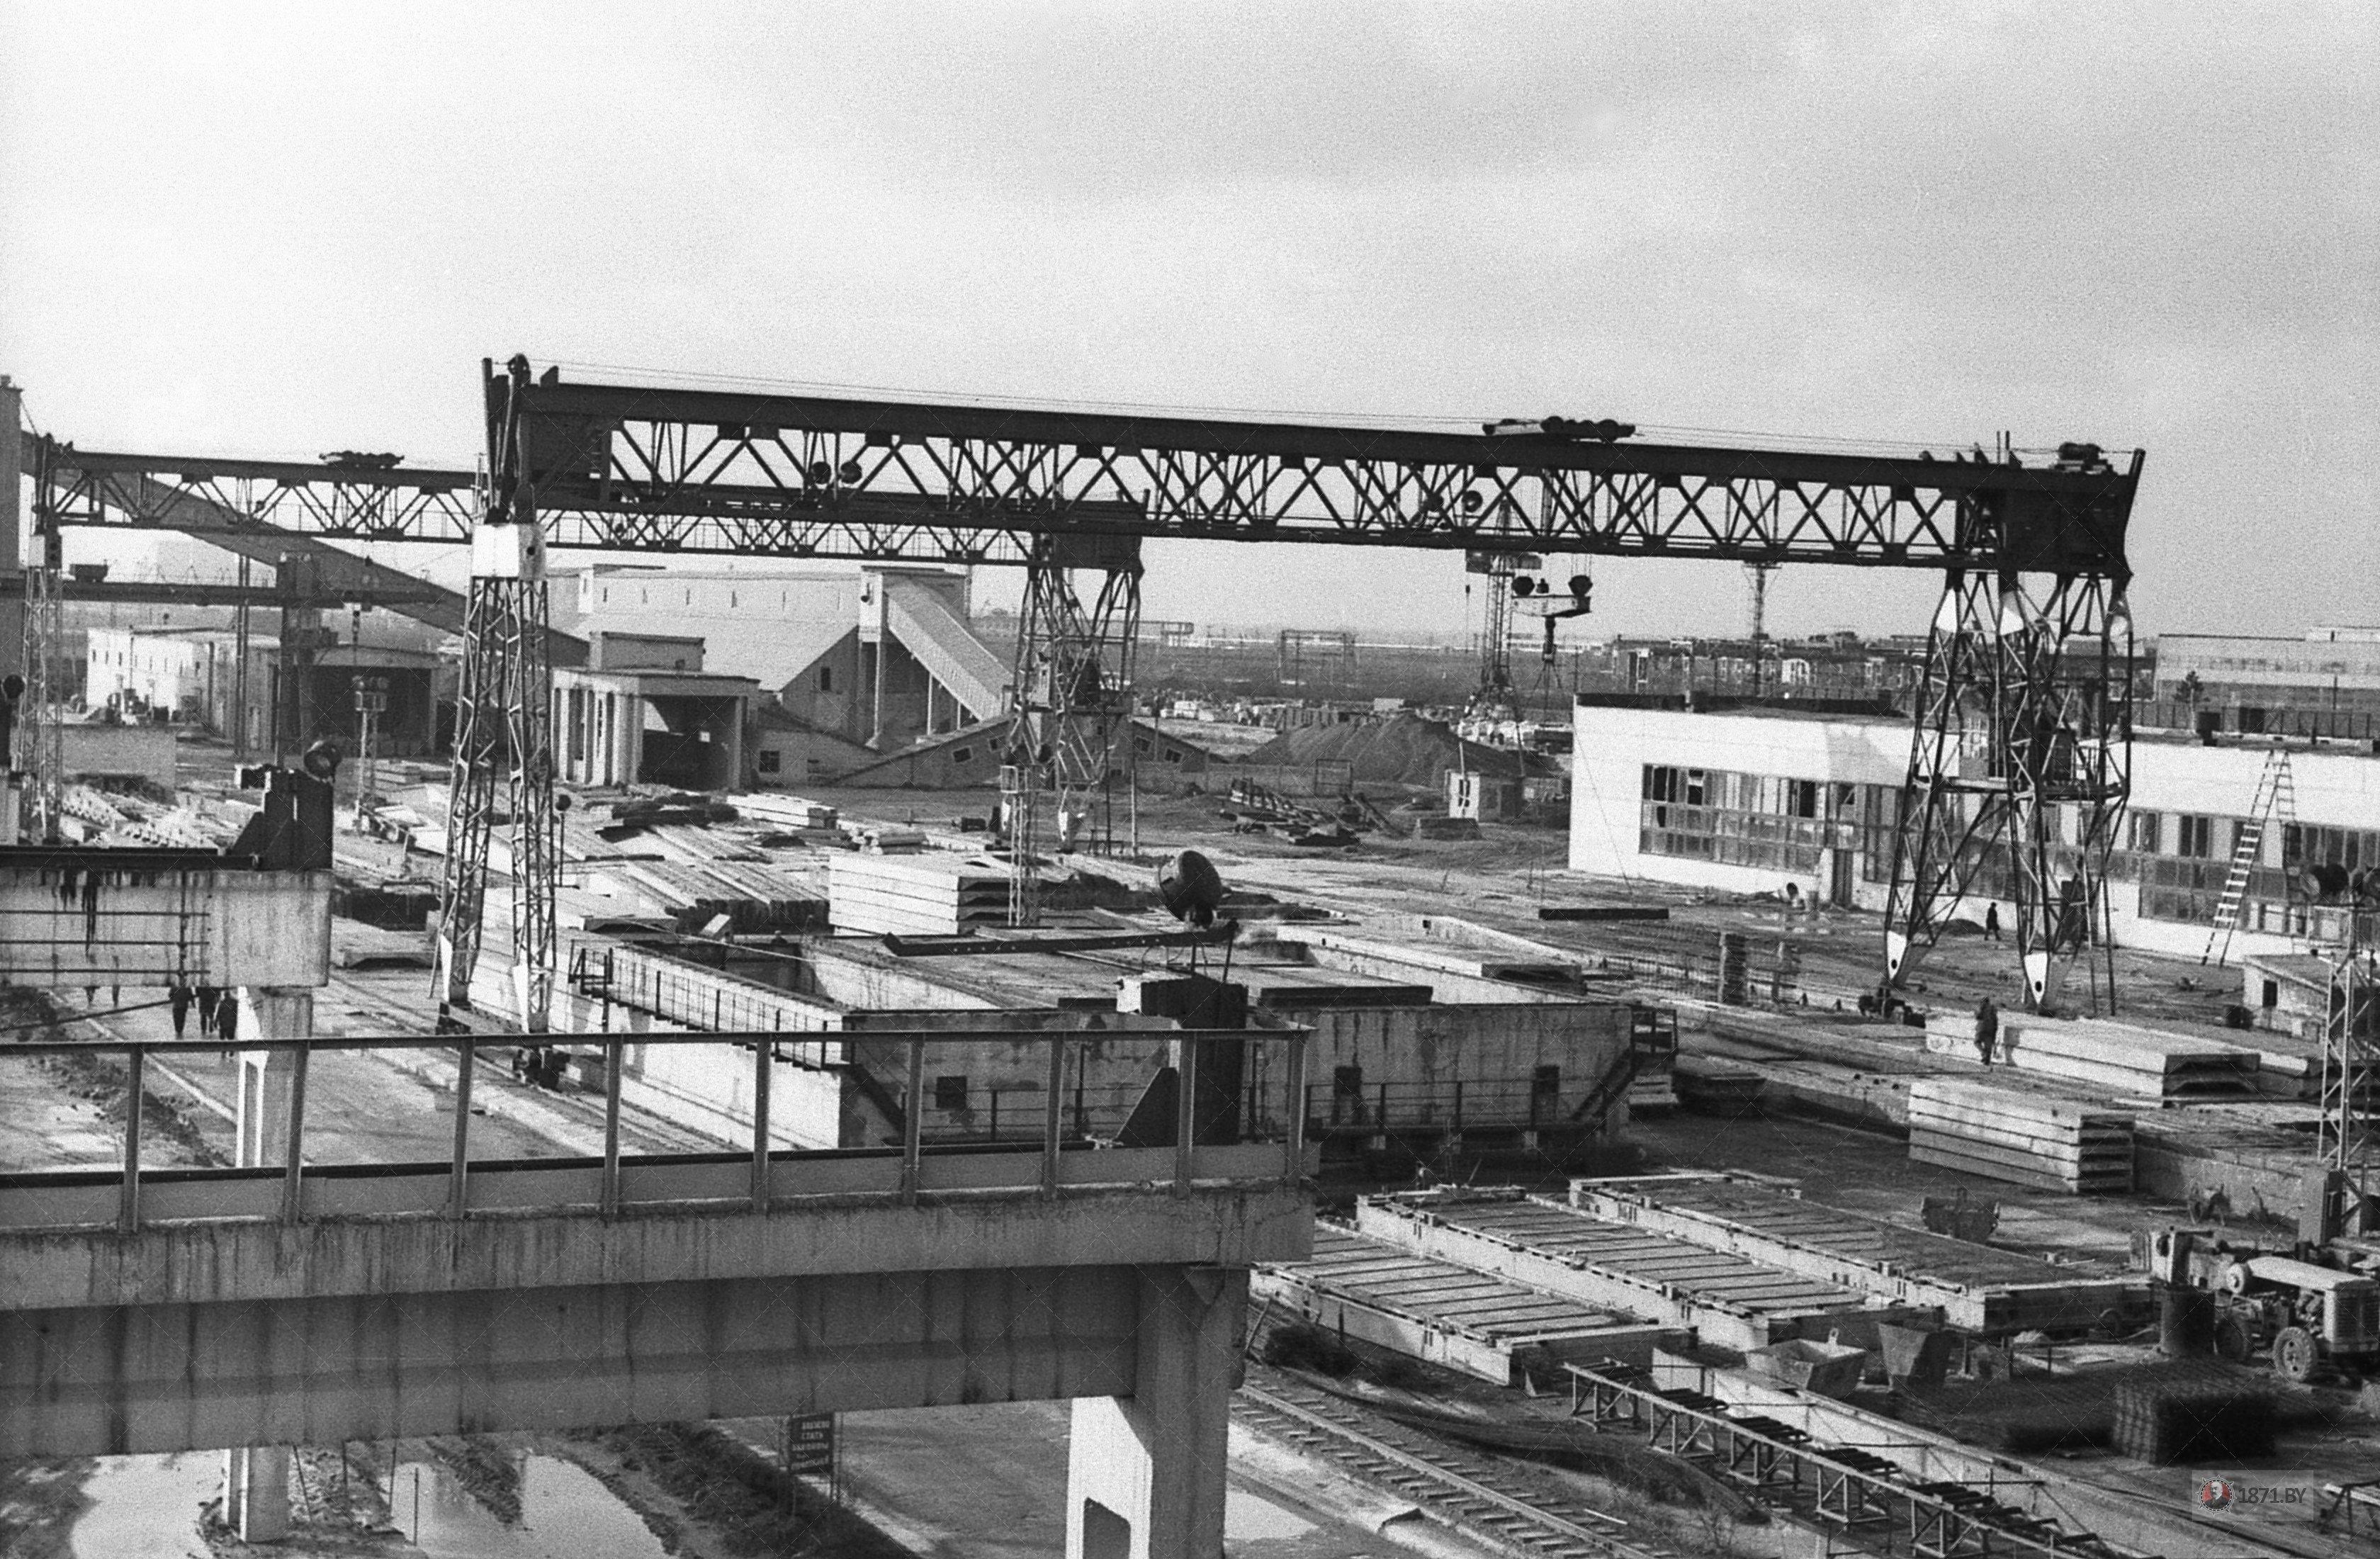 1967 год. Производственная зона предприятия сельской стройиндустрии.